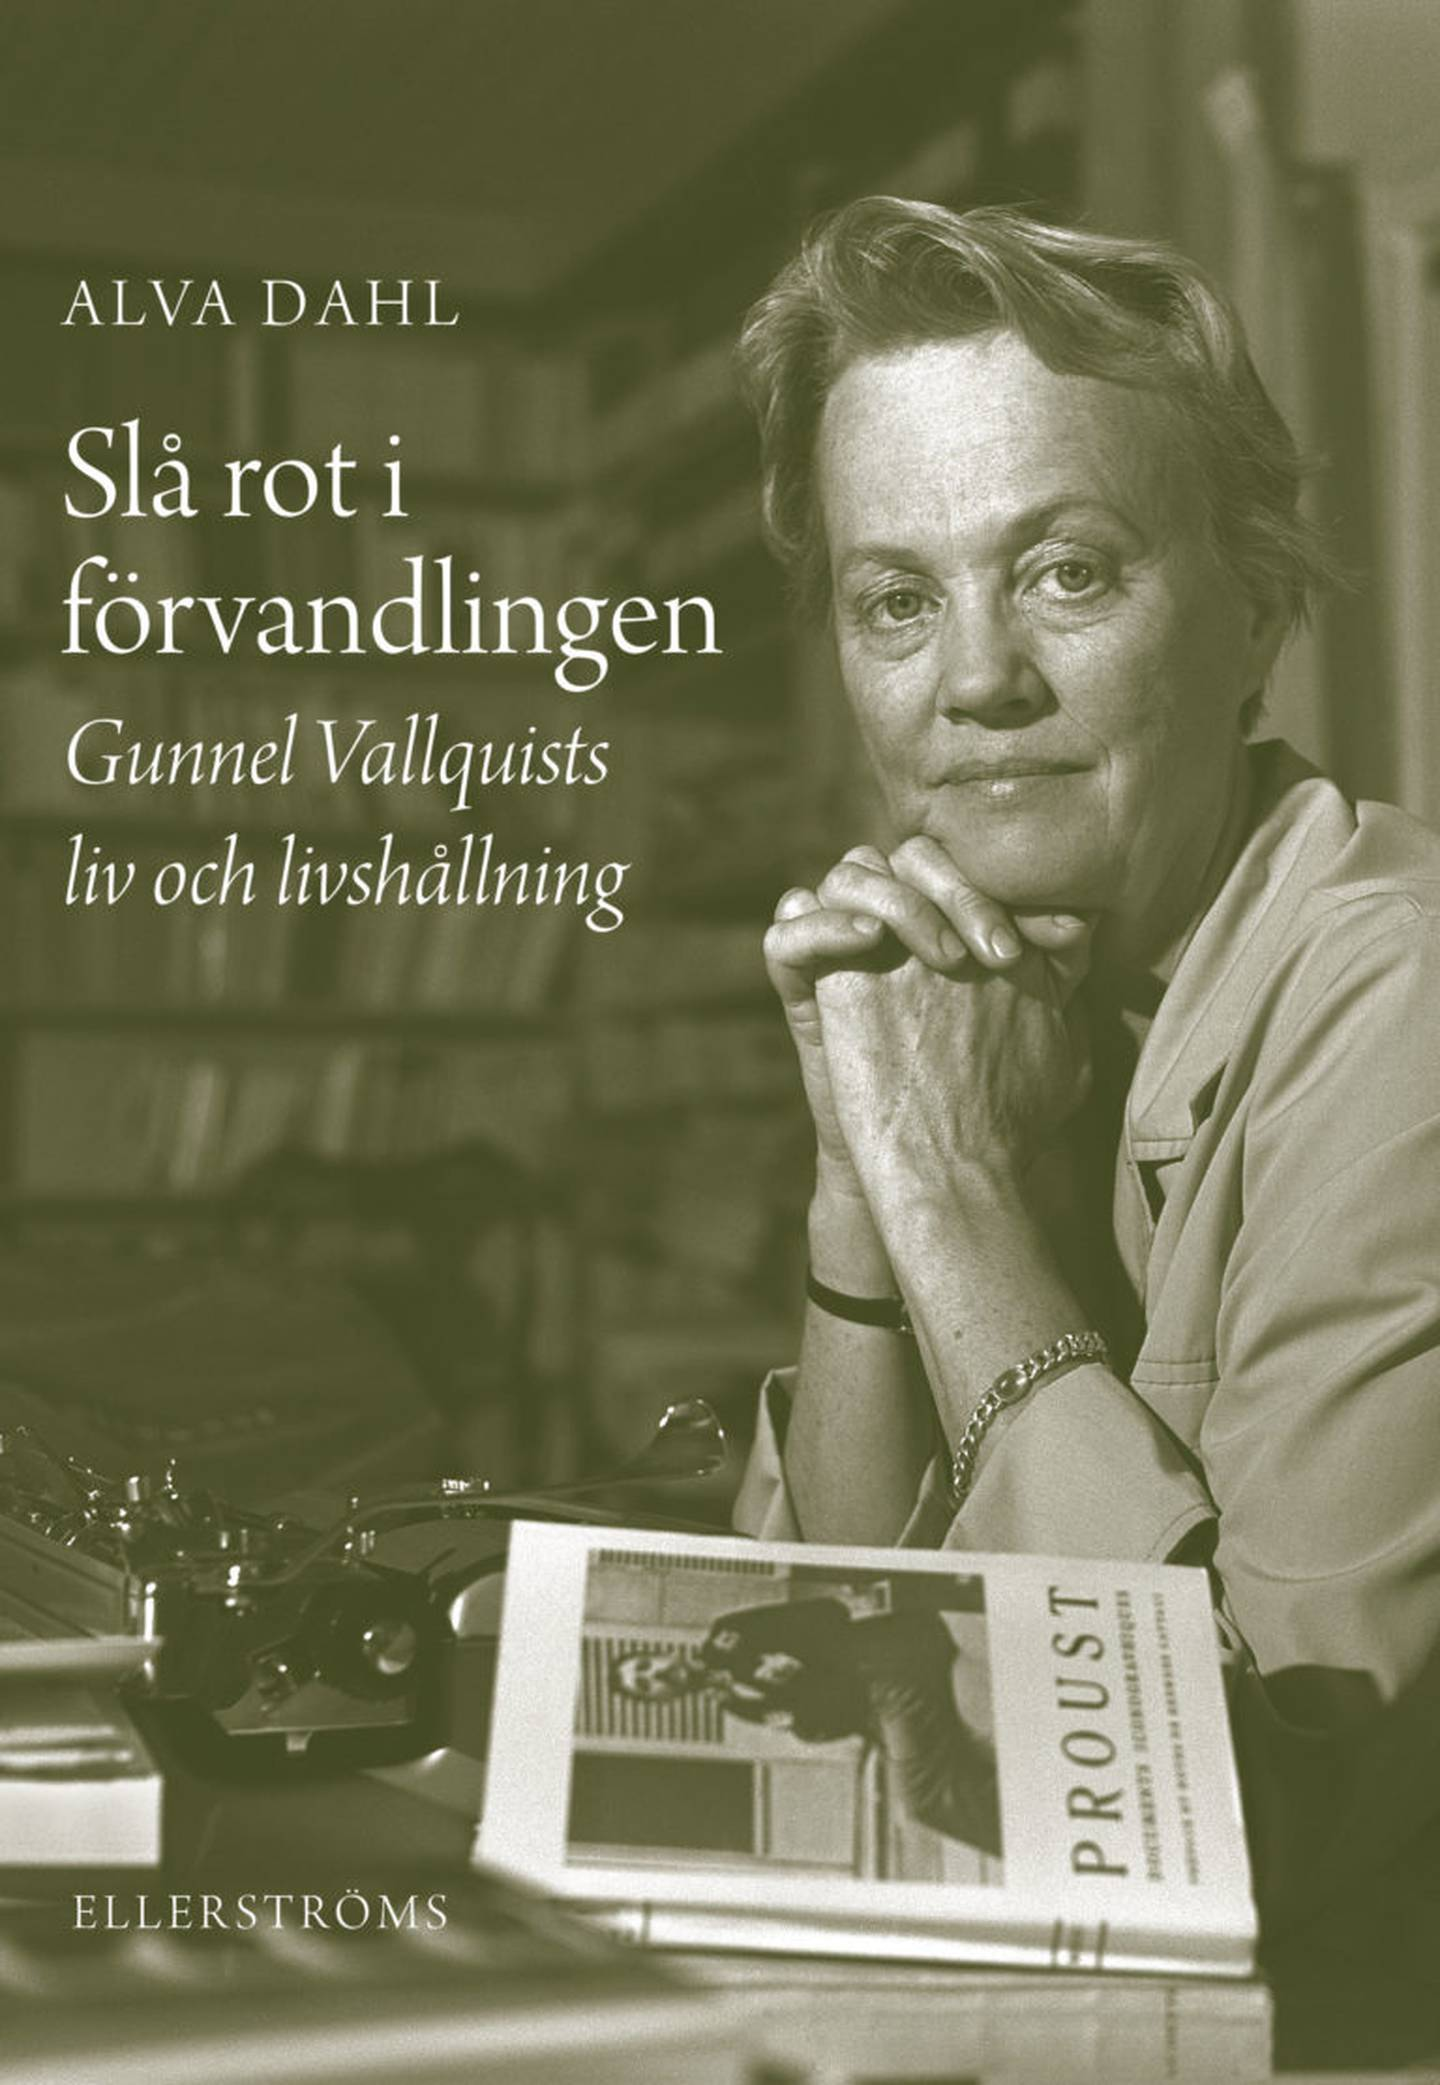 """""""Slå rot i förvandlingen"""" av Alva Dahl."""